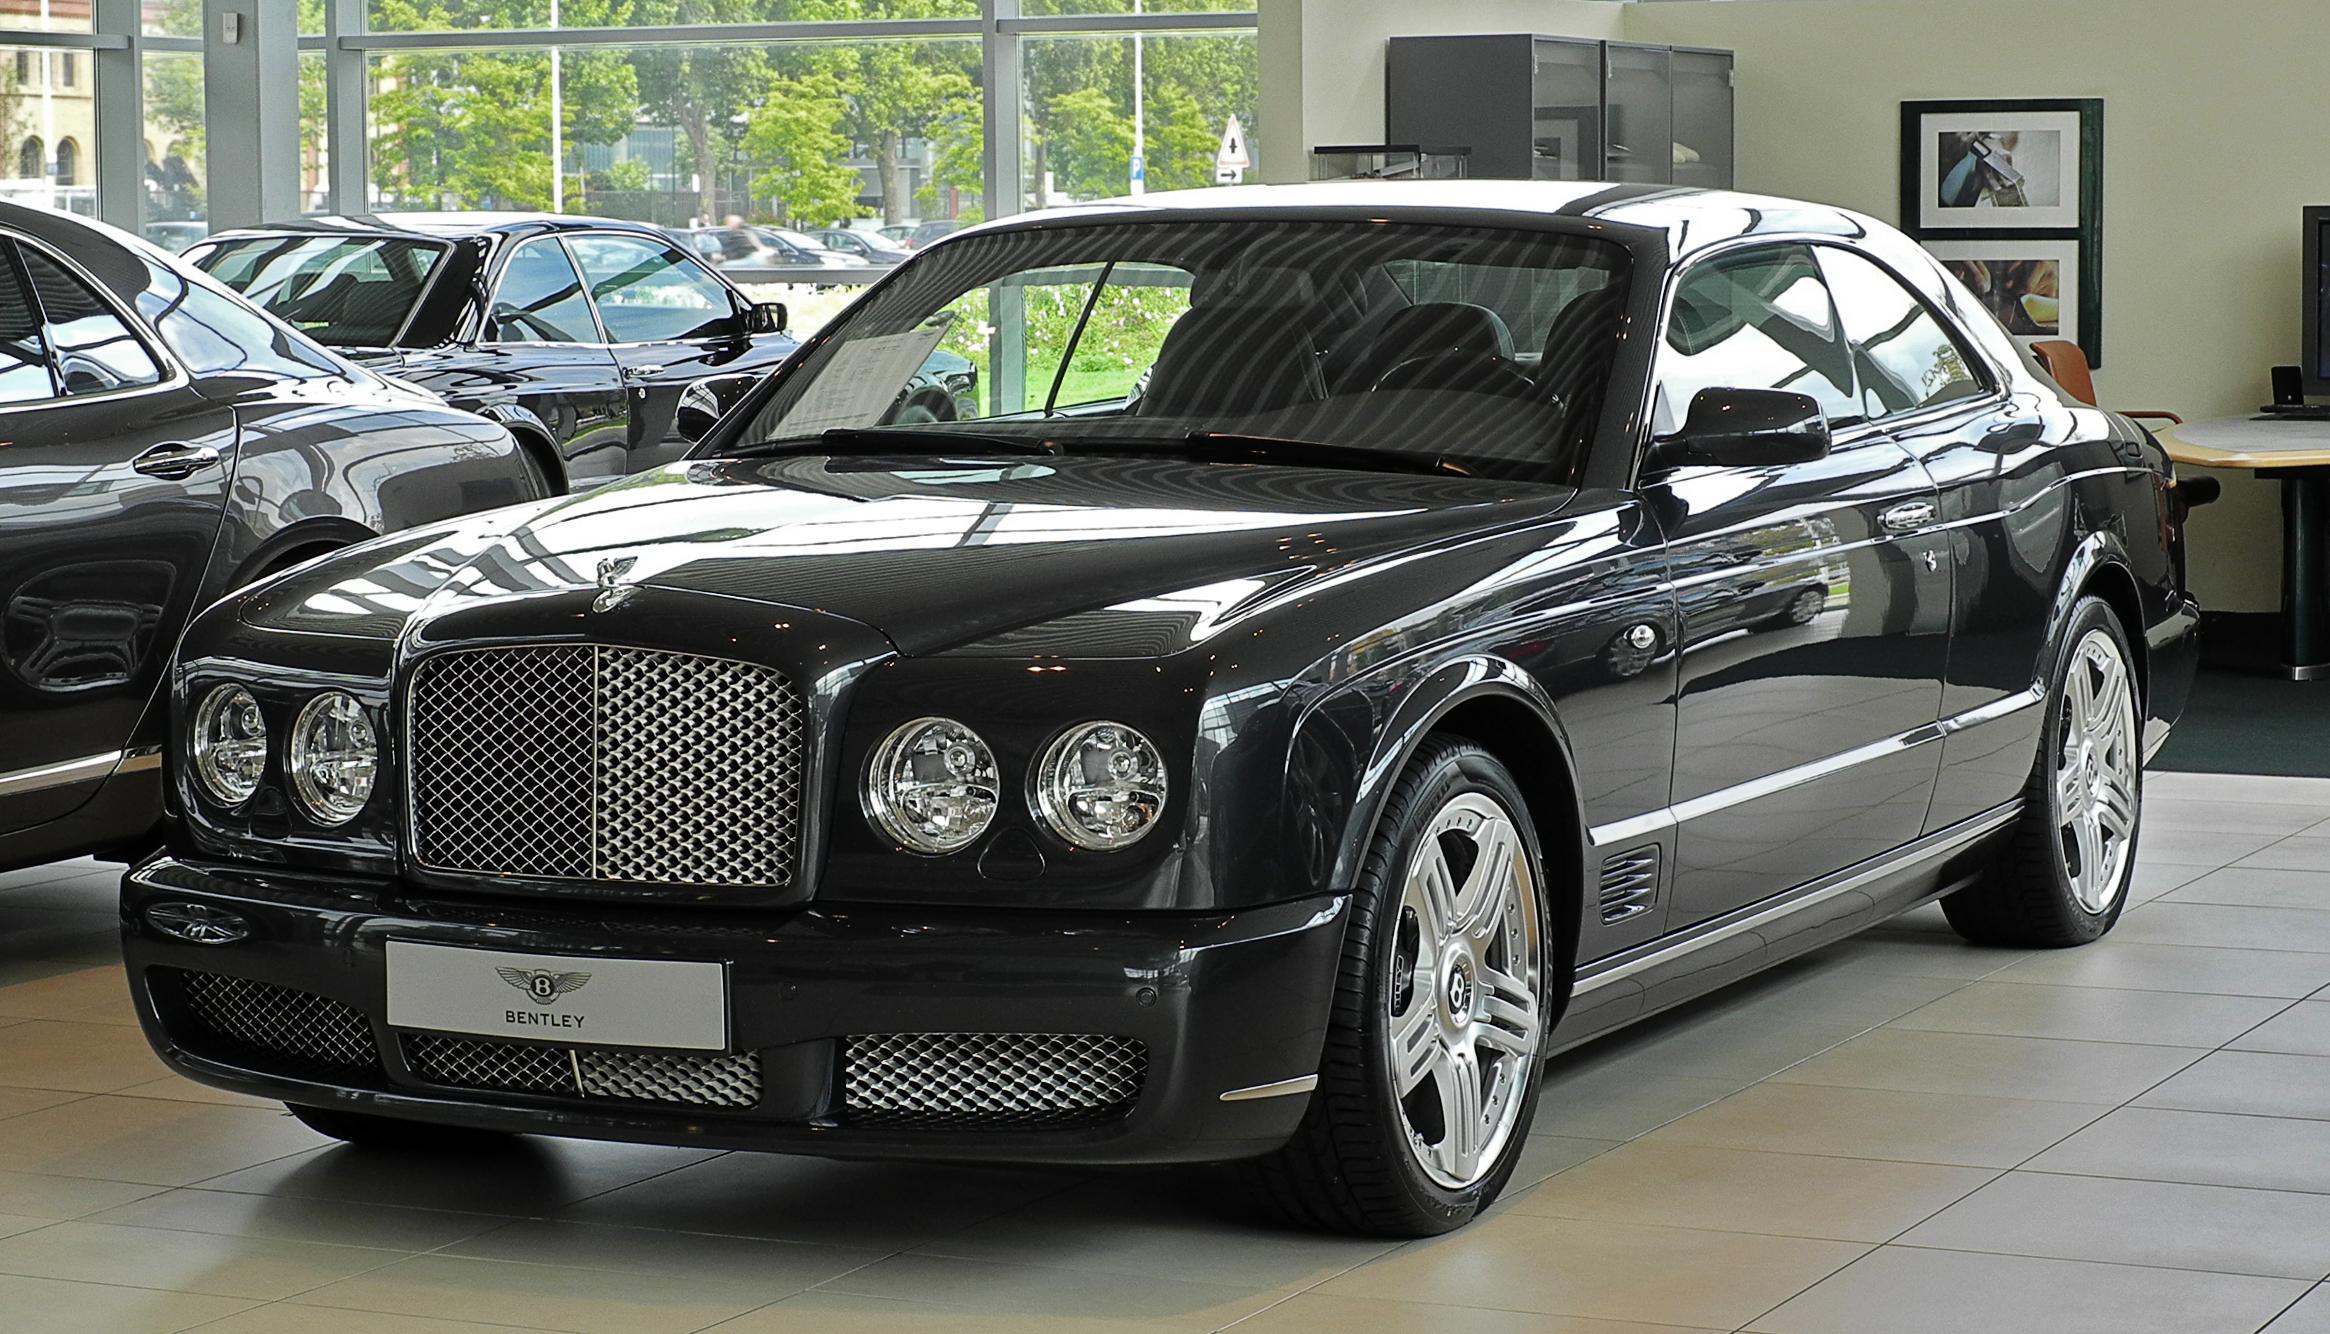 Bentley Brooklands - Wikipedia